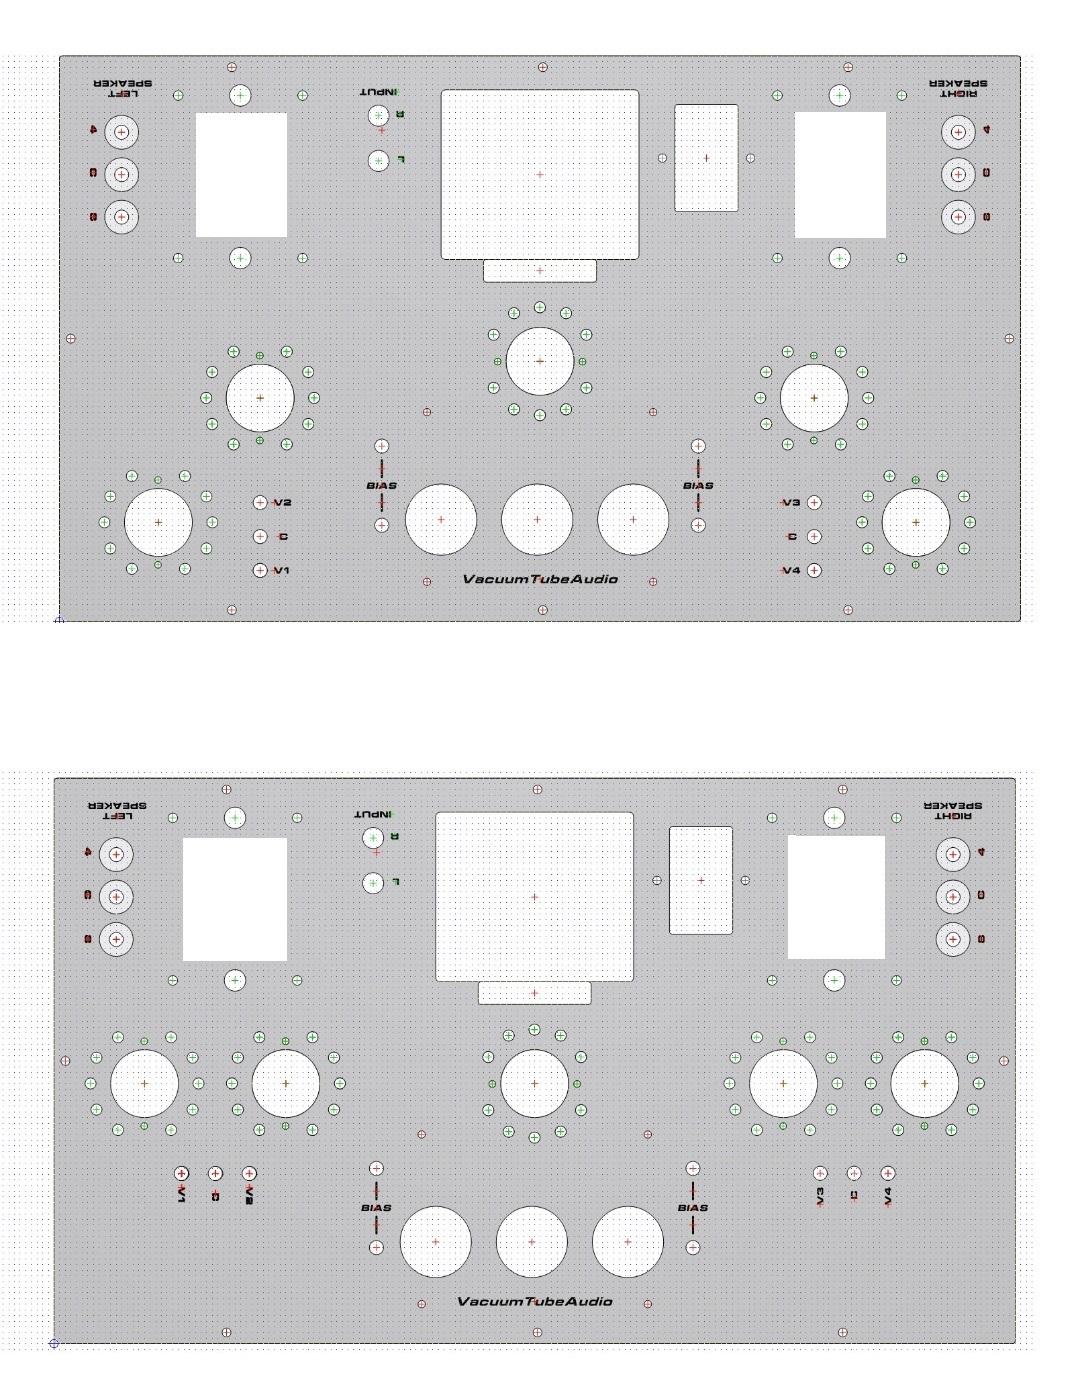 opiniion survey on amplifier style Custom2